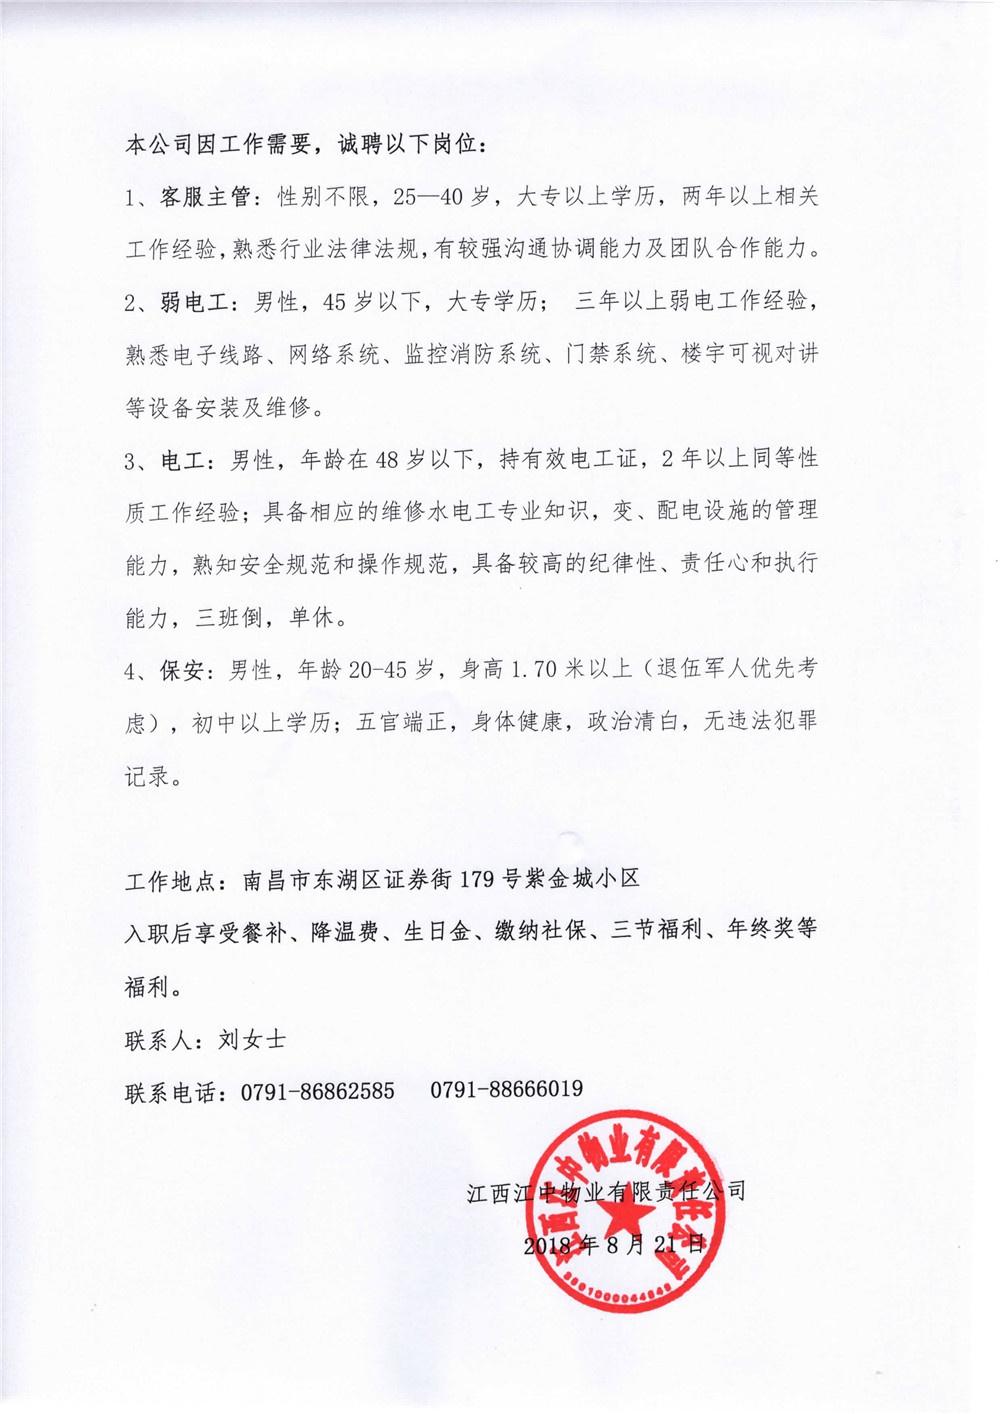 江西江中物业有限责任公司招聘信息.jpg